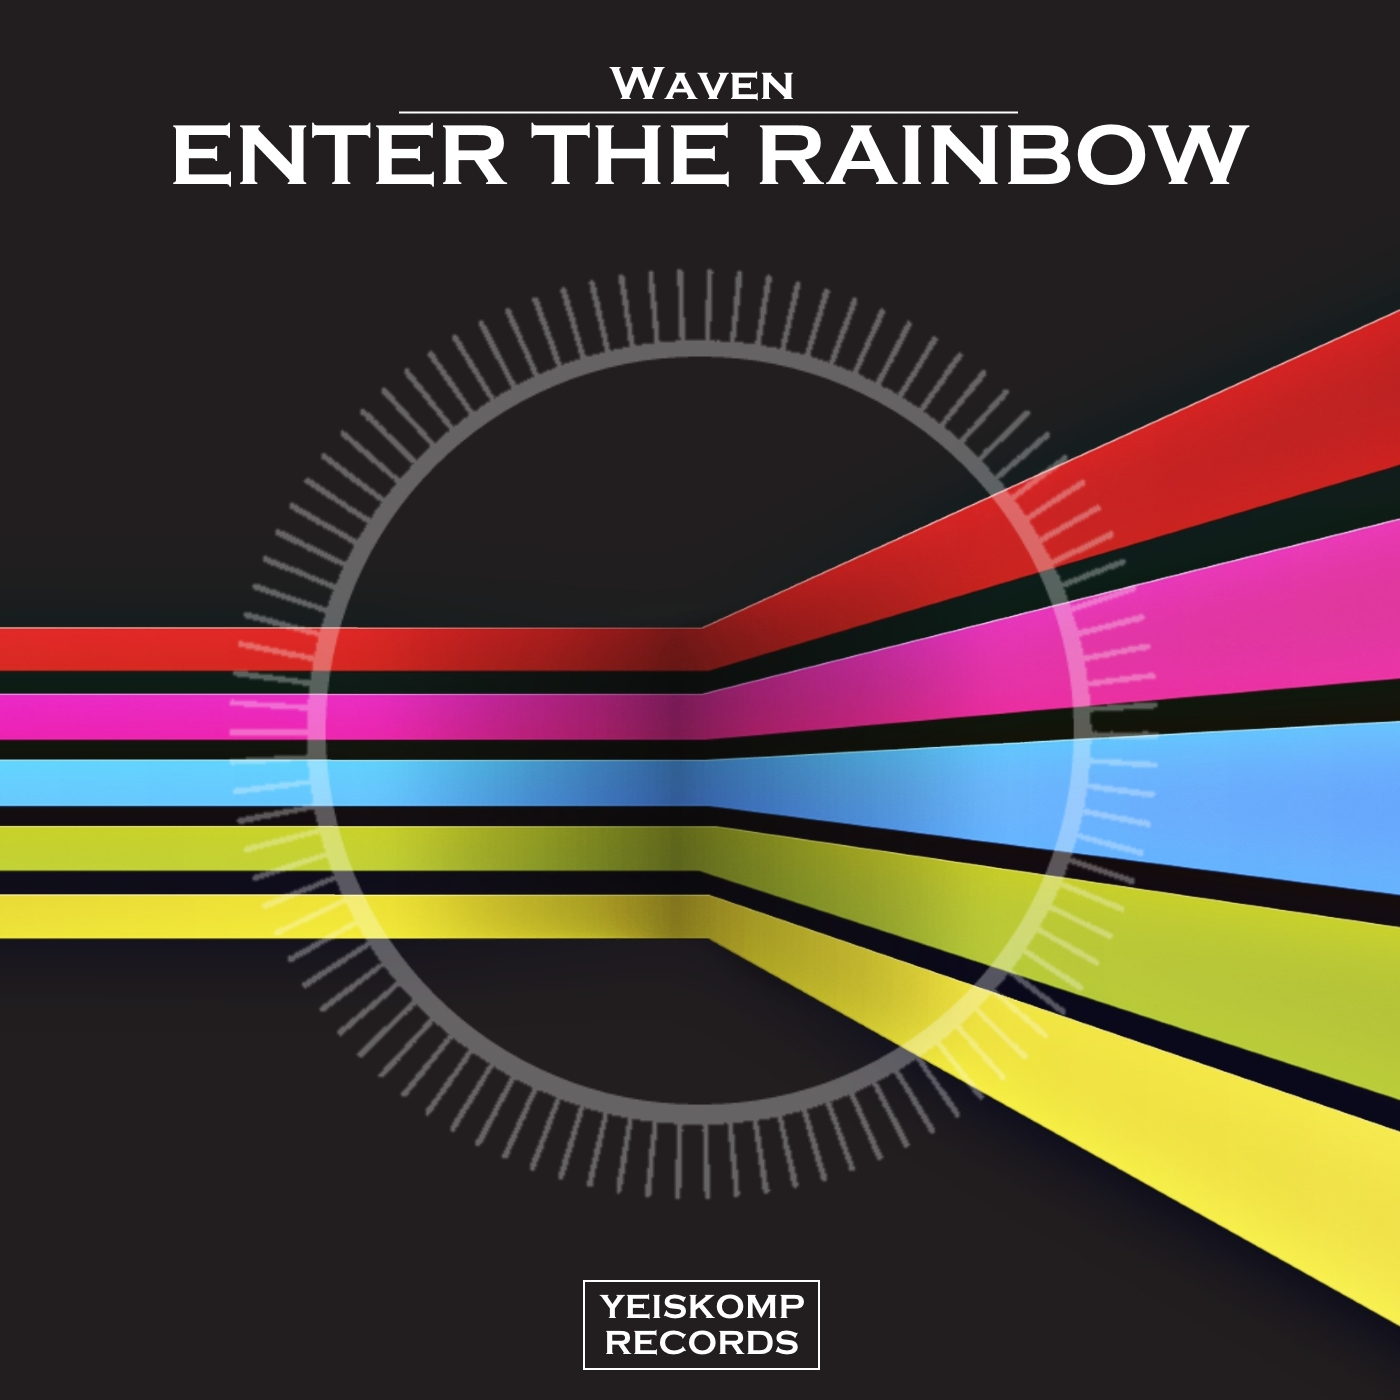 Enter The Rainbow